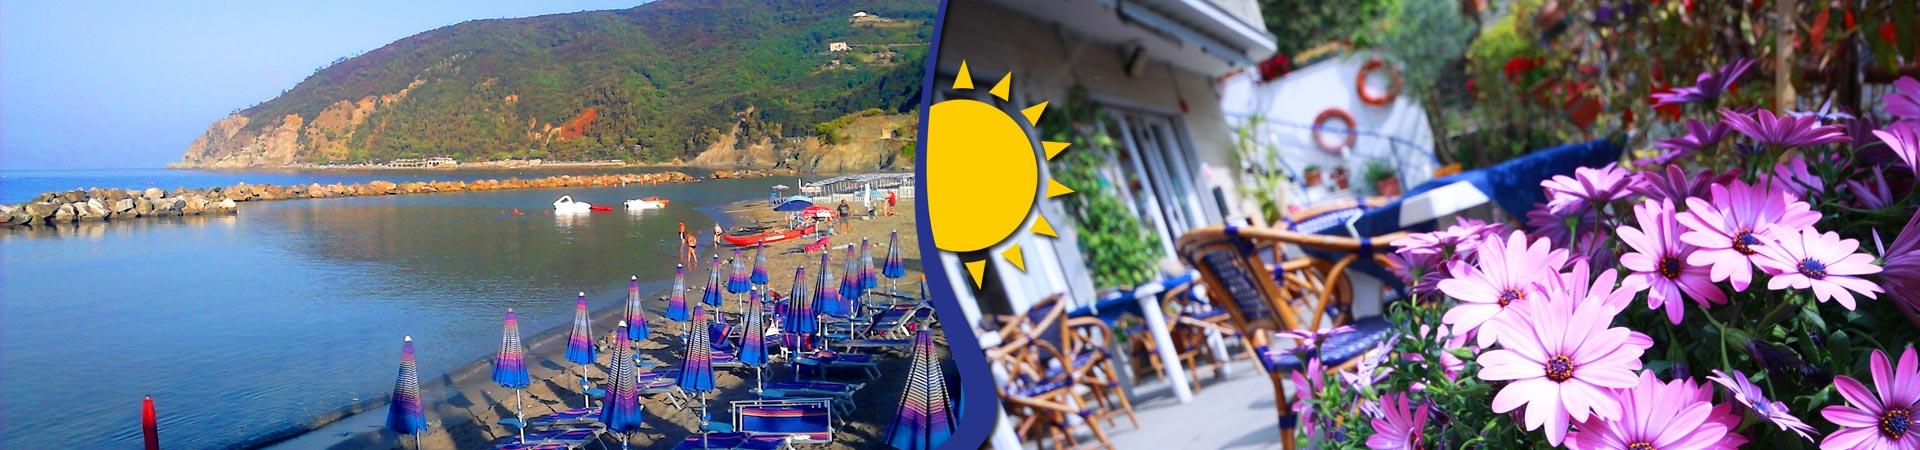 Hotel ristorante Eva la Romantica Cinque Terre Moneglia